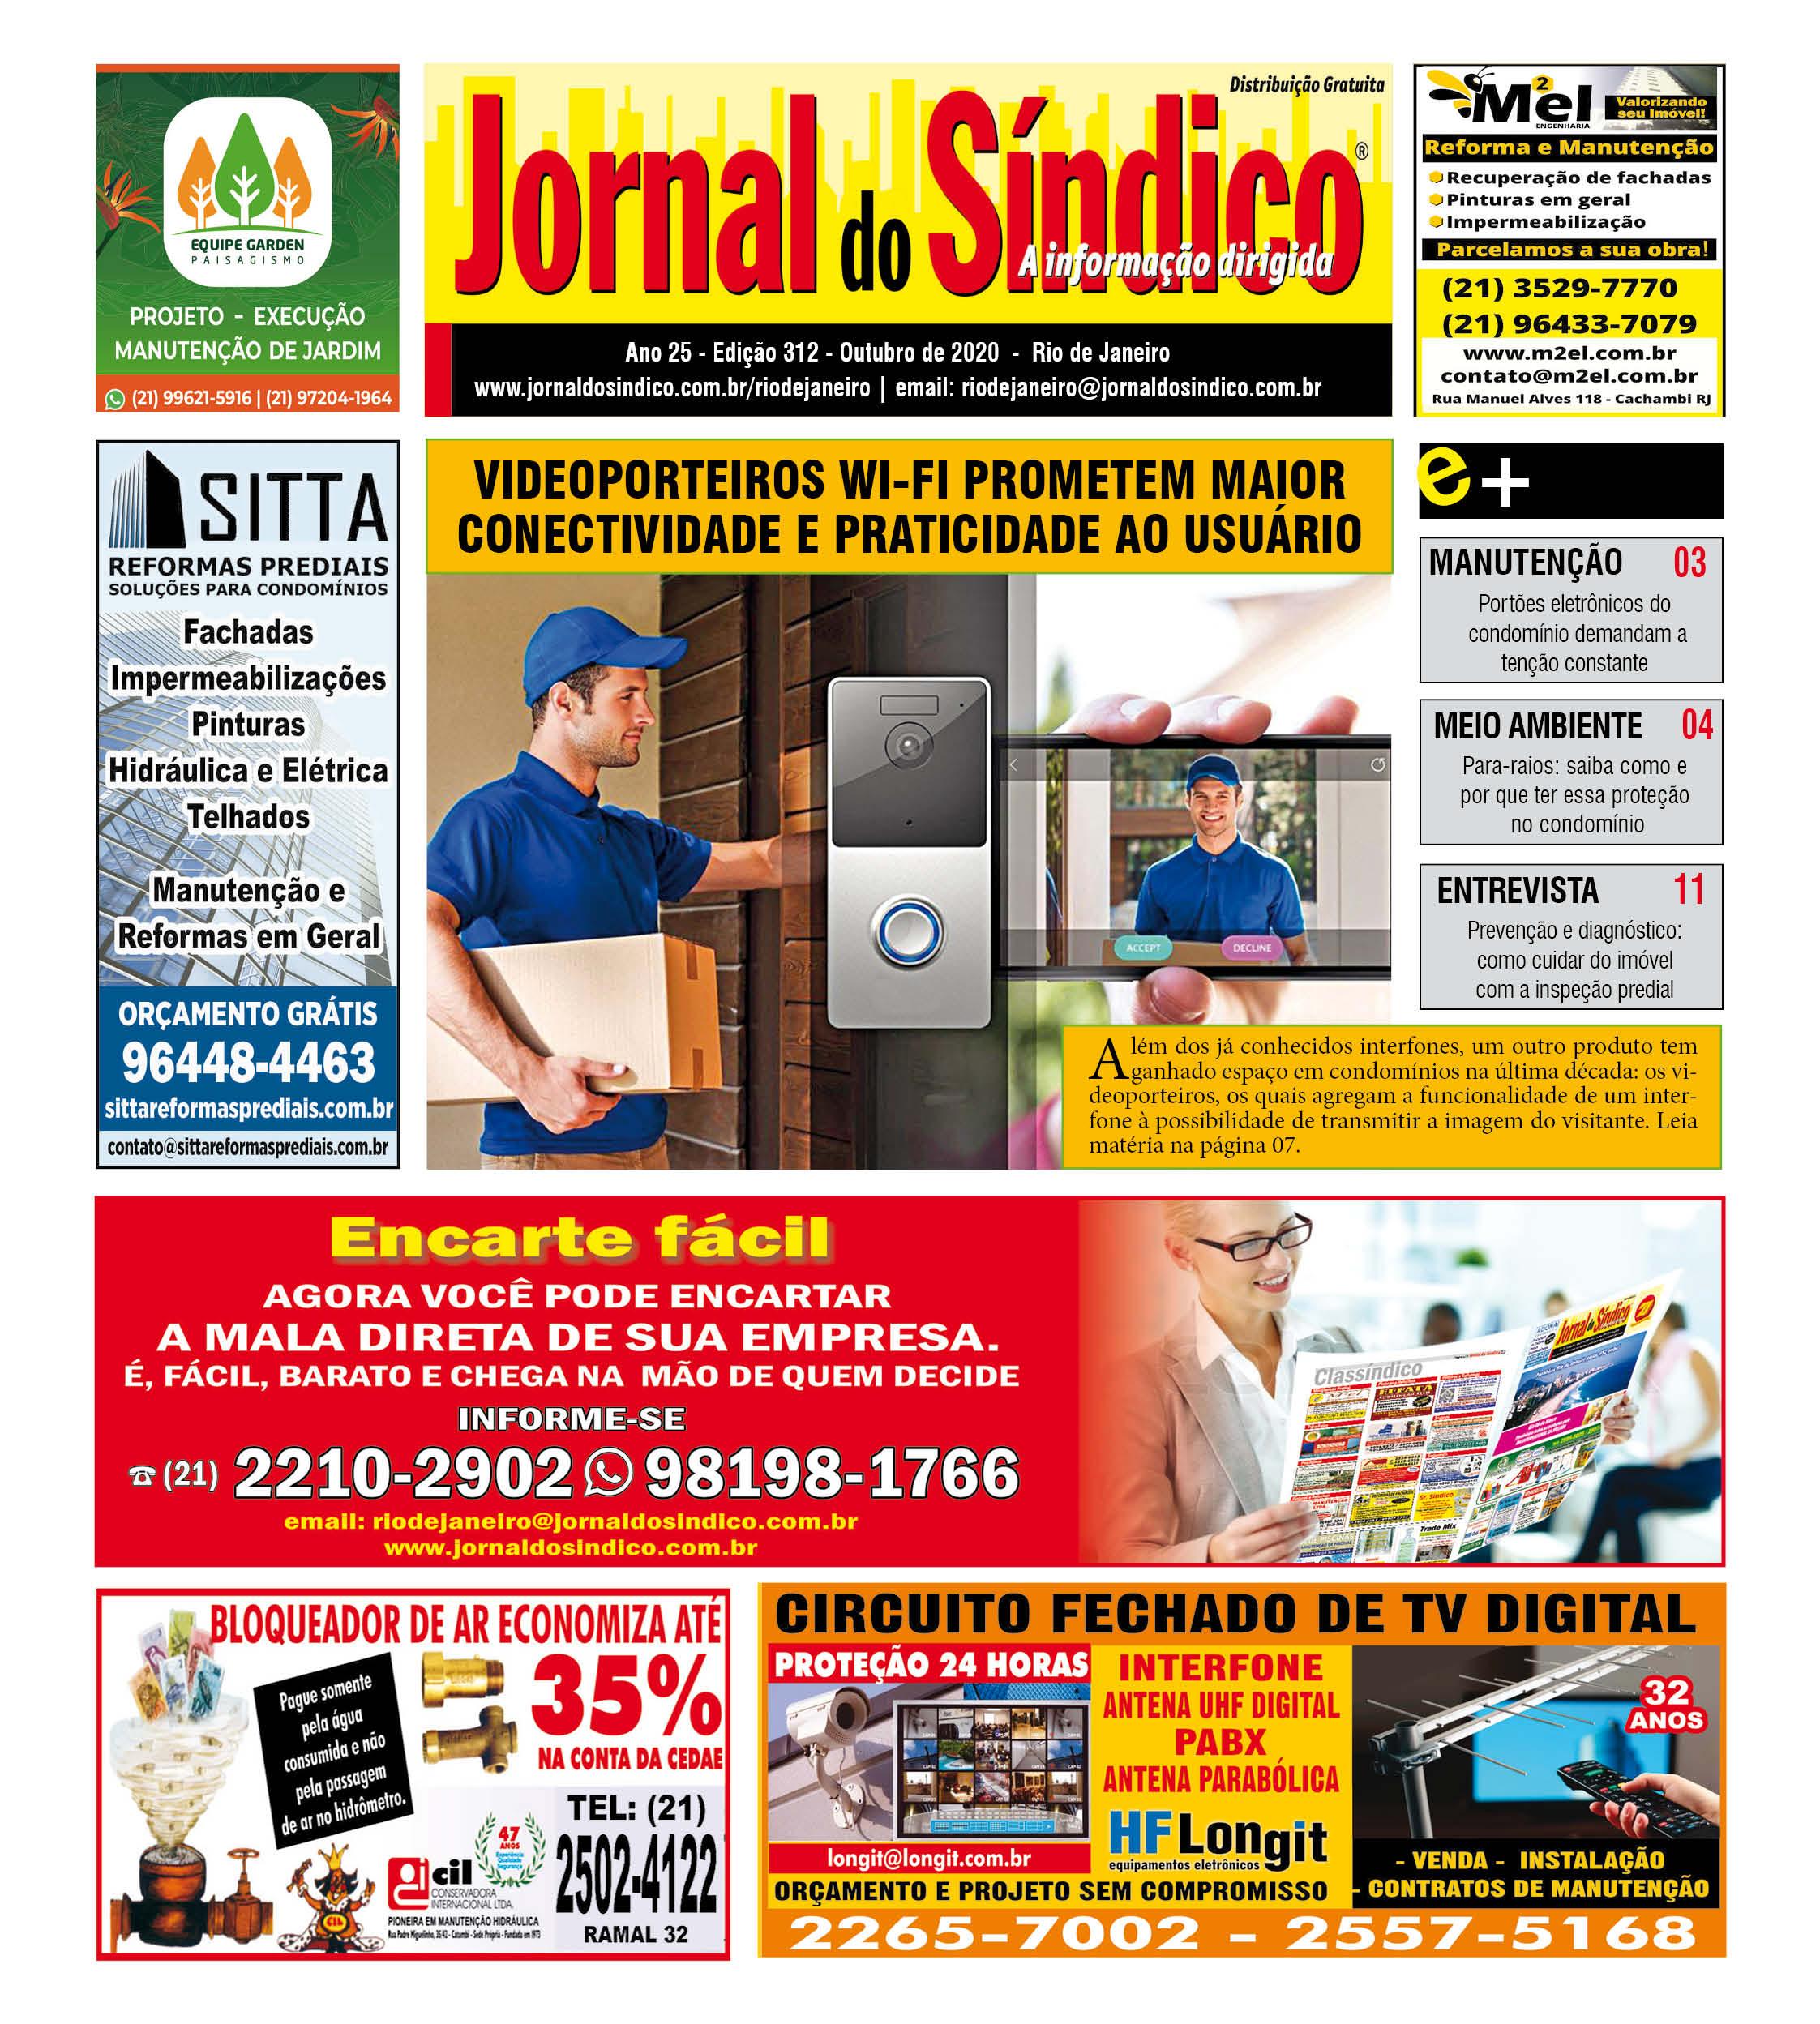 JSRJ 312 - OUTUBRO 2020 - 12 paginas web